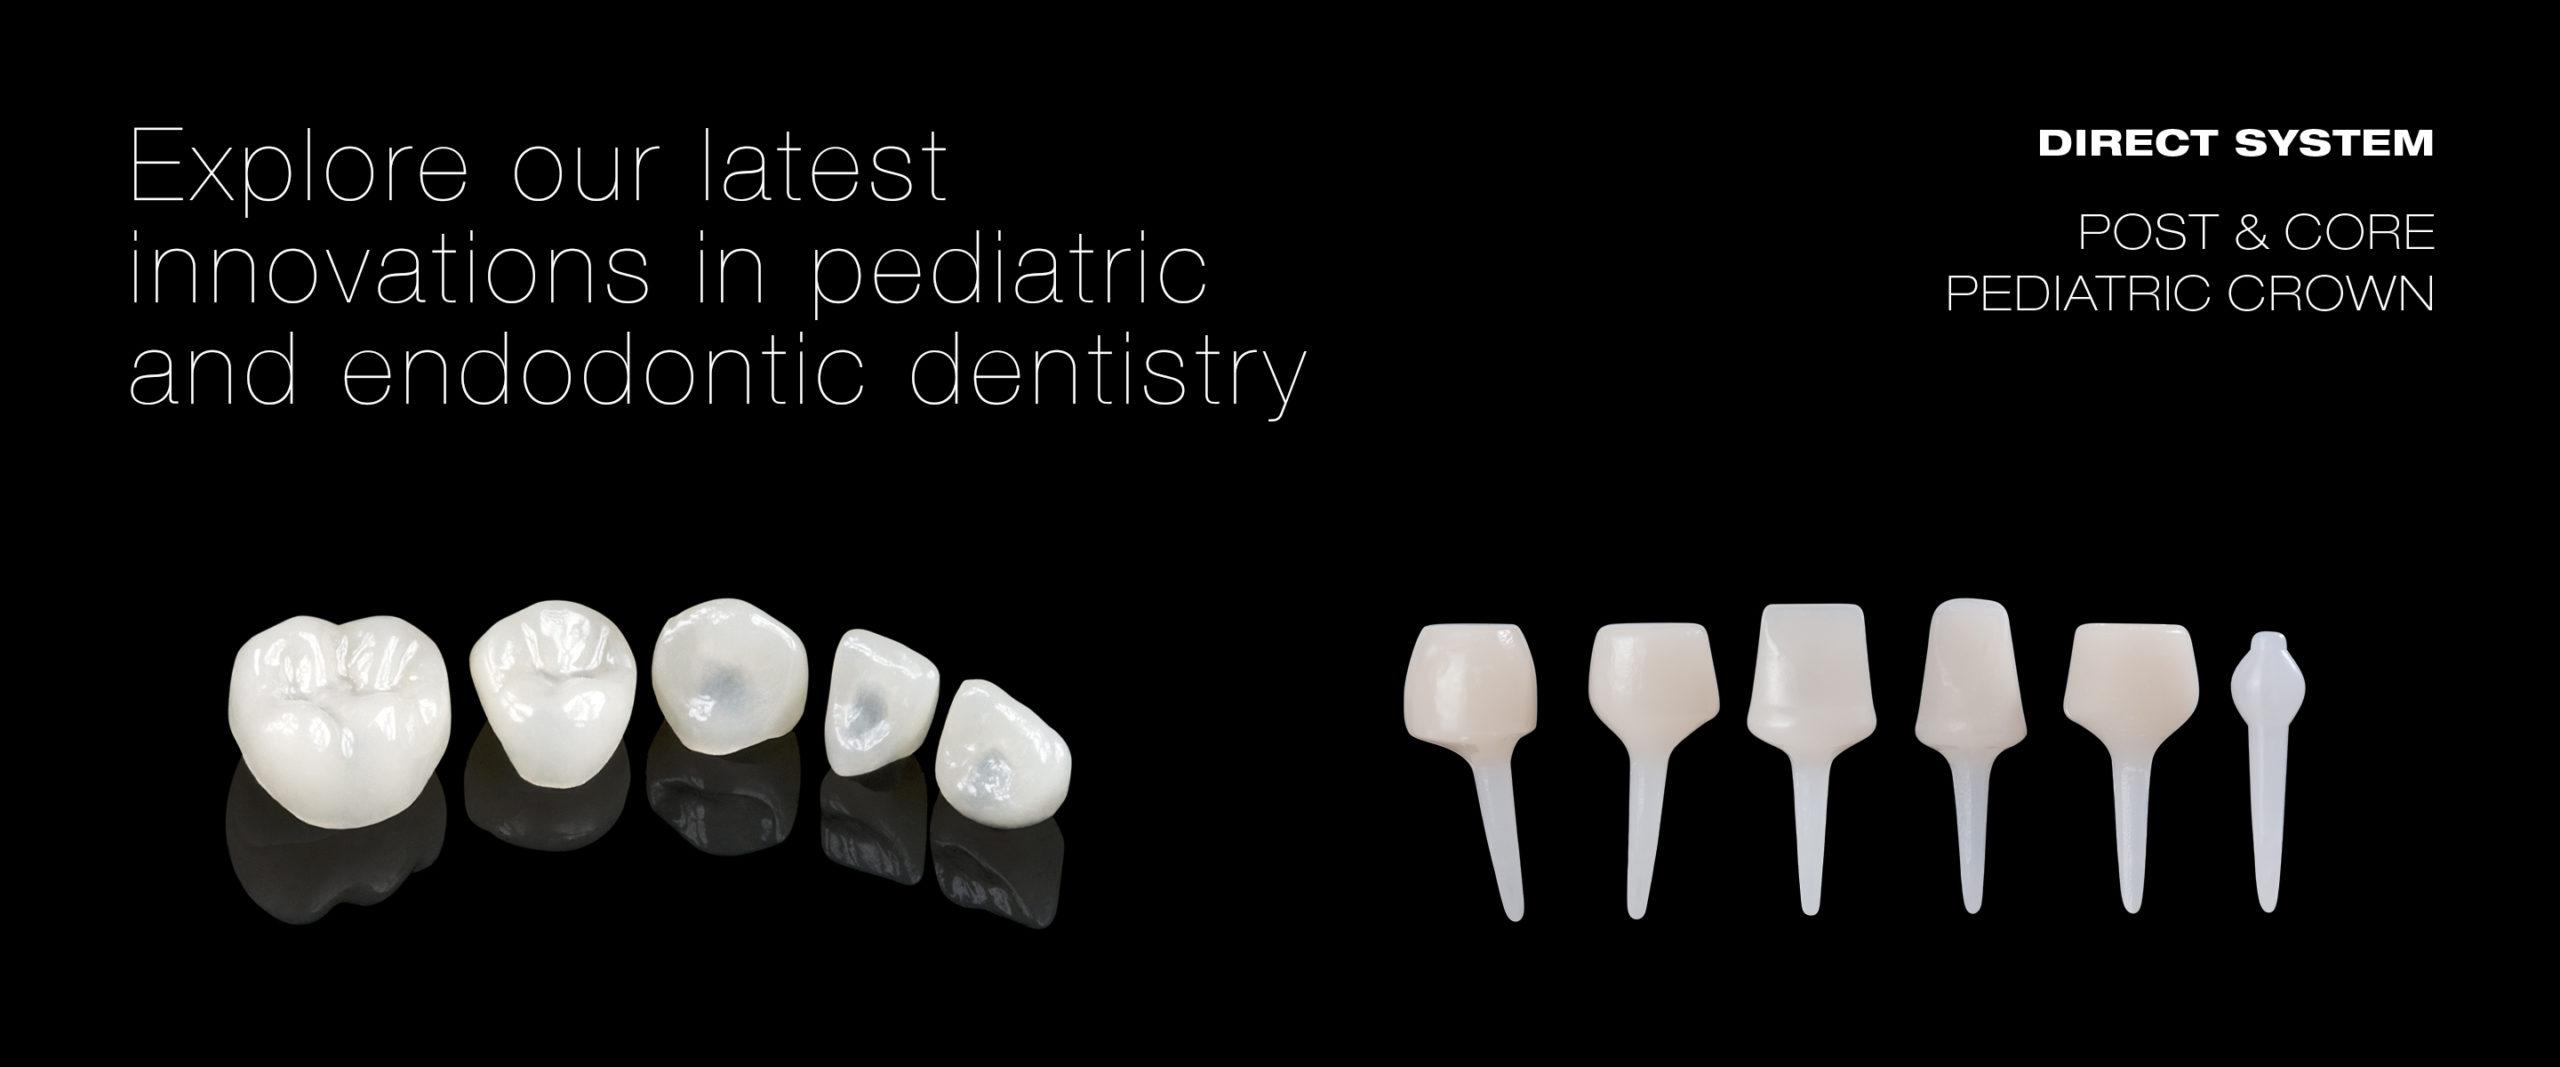 edelweiss dentistry products GmbH – Eine weitere WordPress-Website